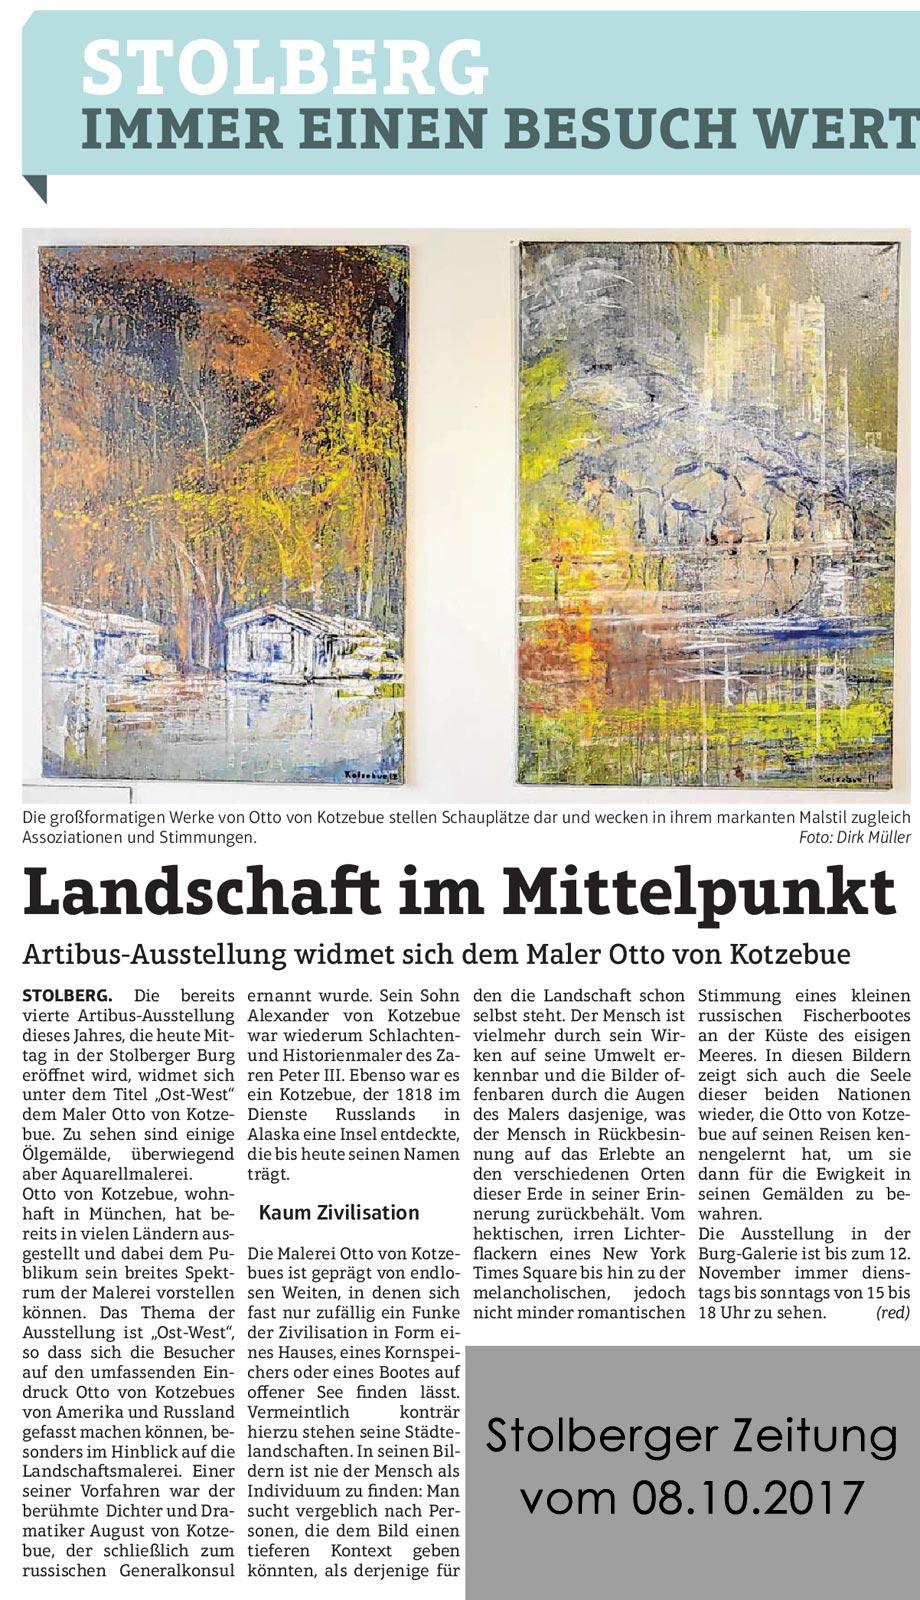 Stolberger-Zeitung-Otto-von-Kotzebue-08.10.2017